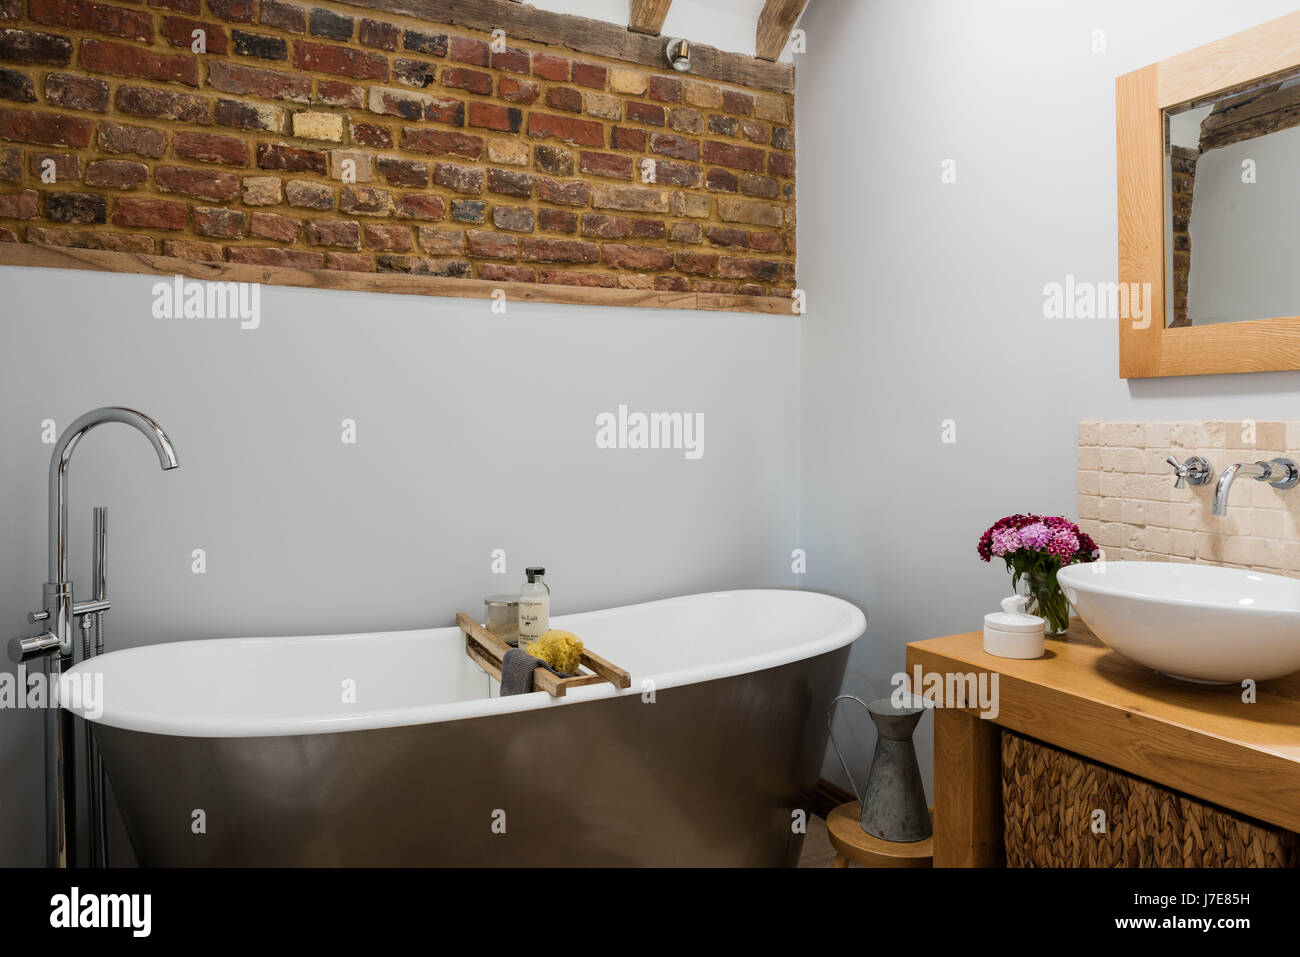 badewanne rustikal, freistehende badewanne im rustikalen badezimmer mit freiliegenden, Design ideen